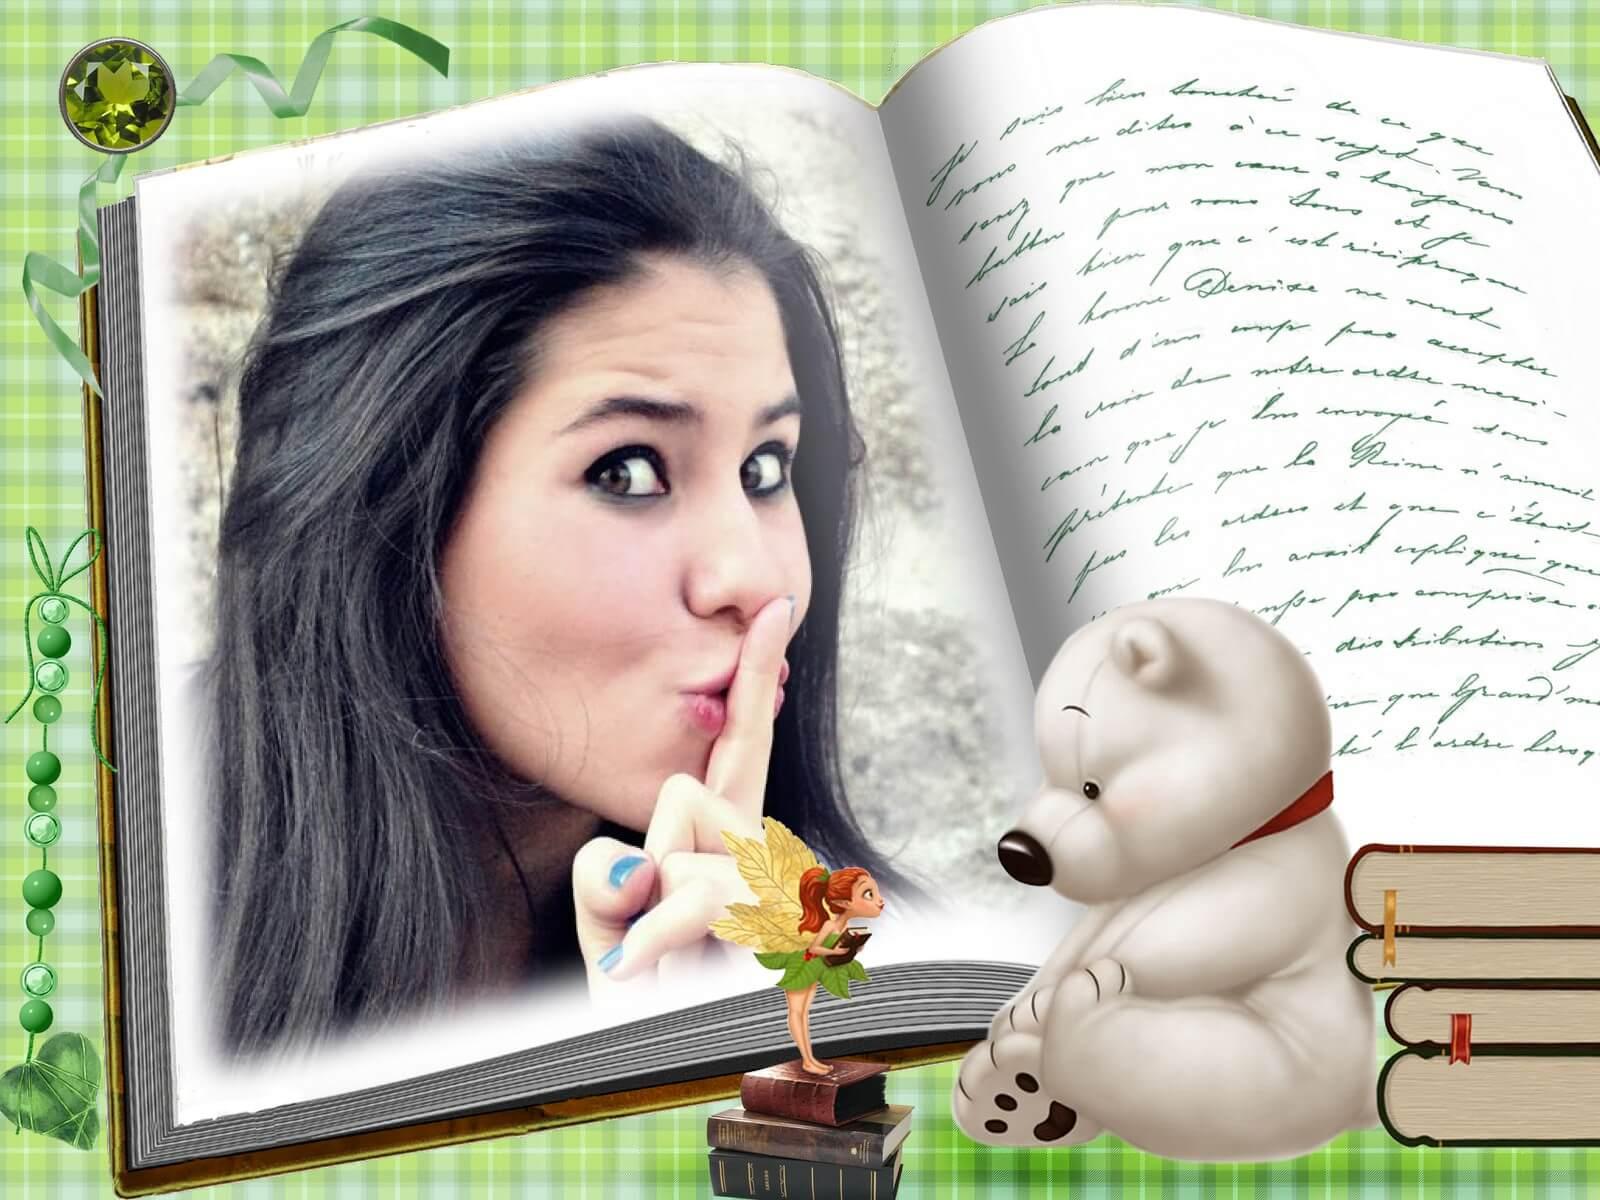 capa-ursinho-e-fada-com-livros